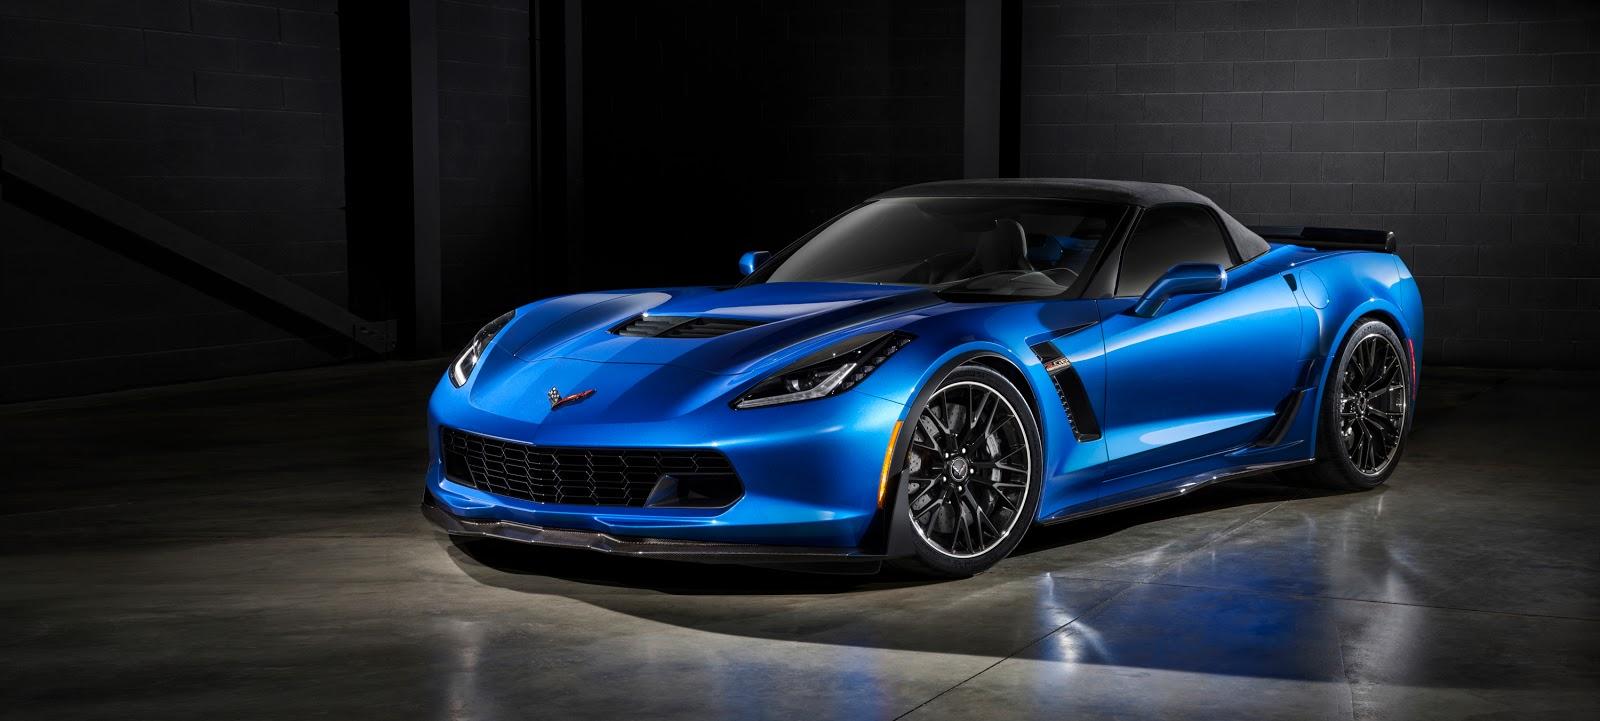 Vette Vues Magazine Blog Drop Top Supercar 2015 Corvette